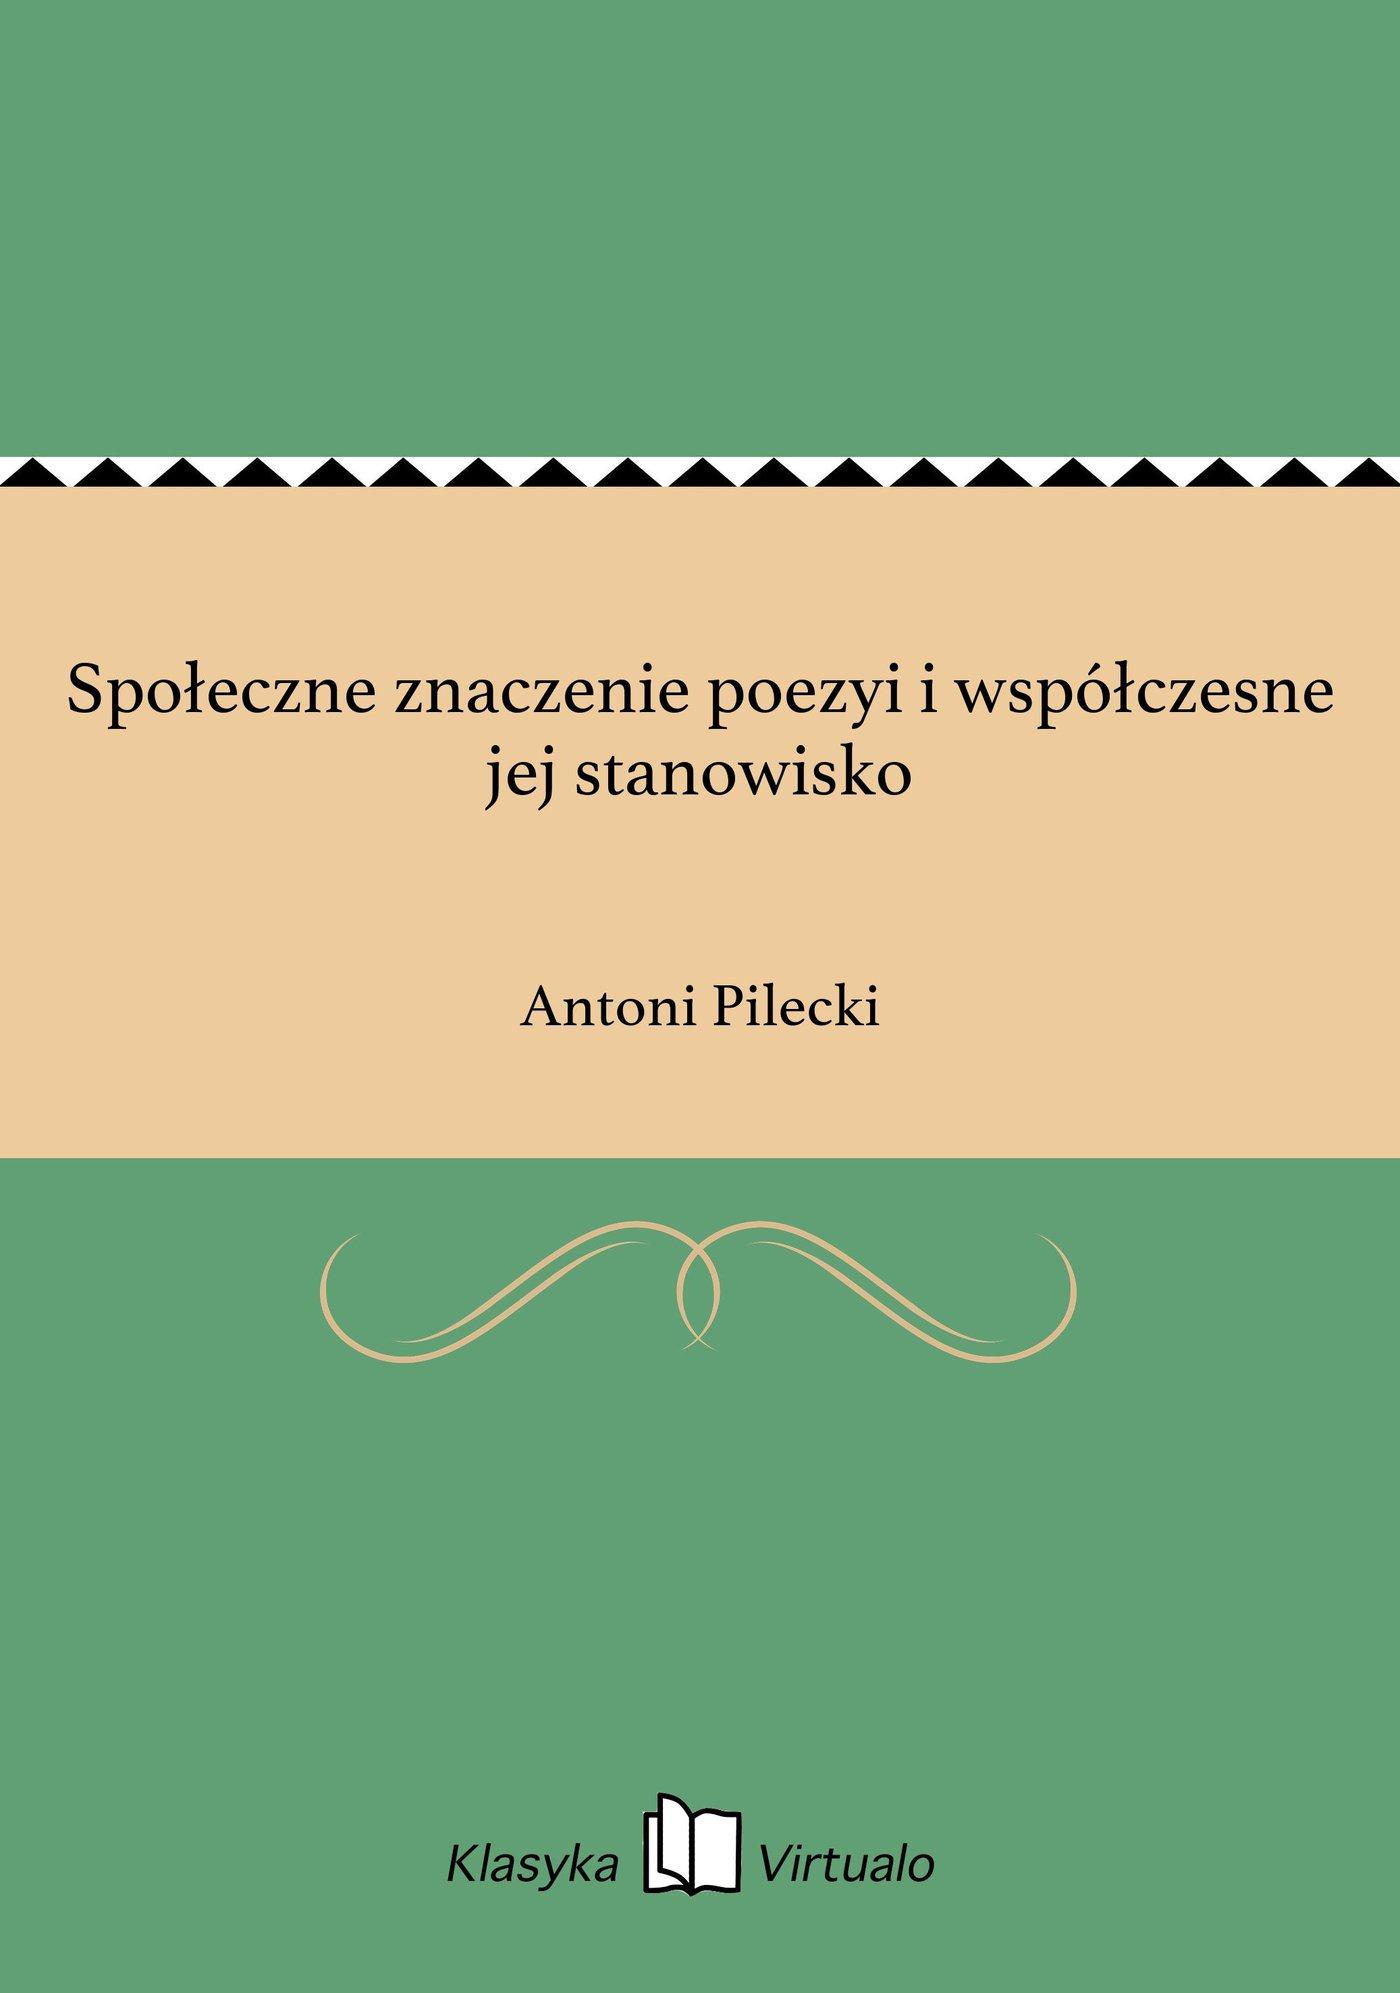 Społeczne znaczenie poezyi i współczesne jej stanowisko - Ebook (Książka EPUB) do pobrania w formacie EPUB